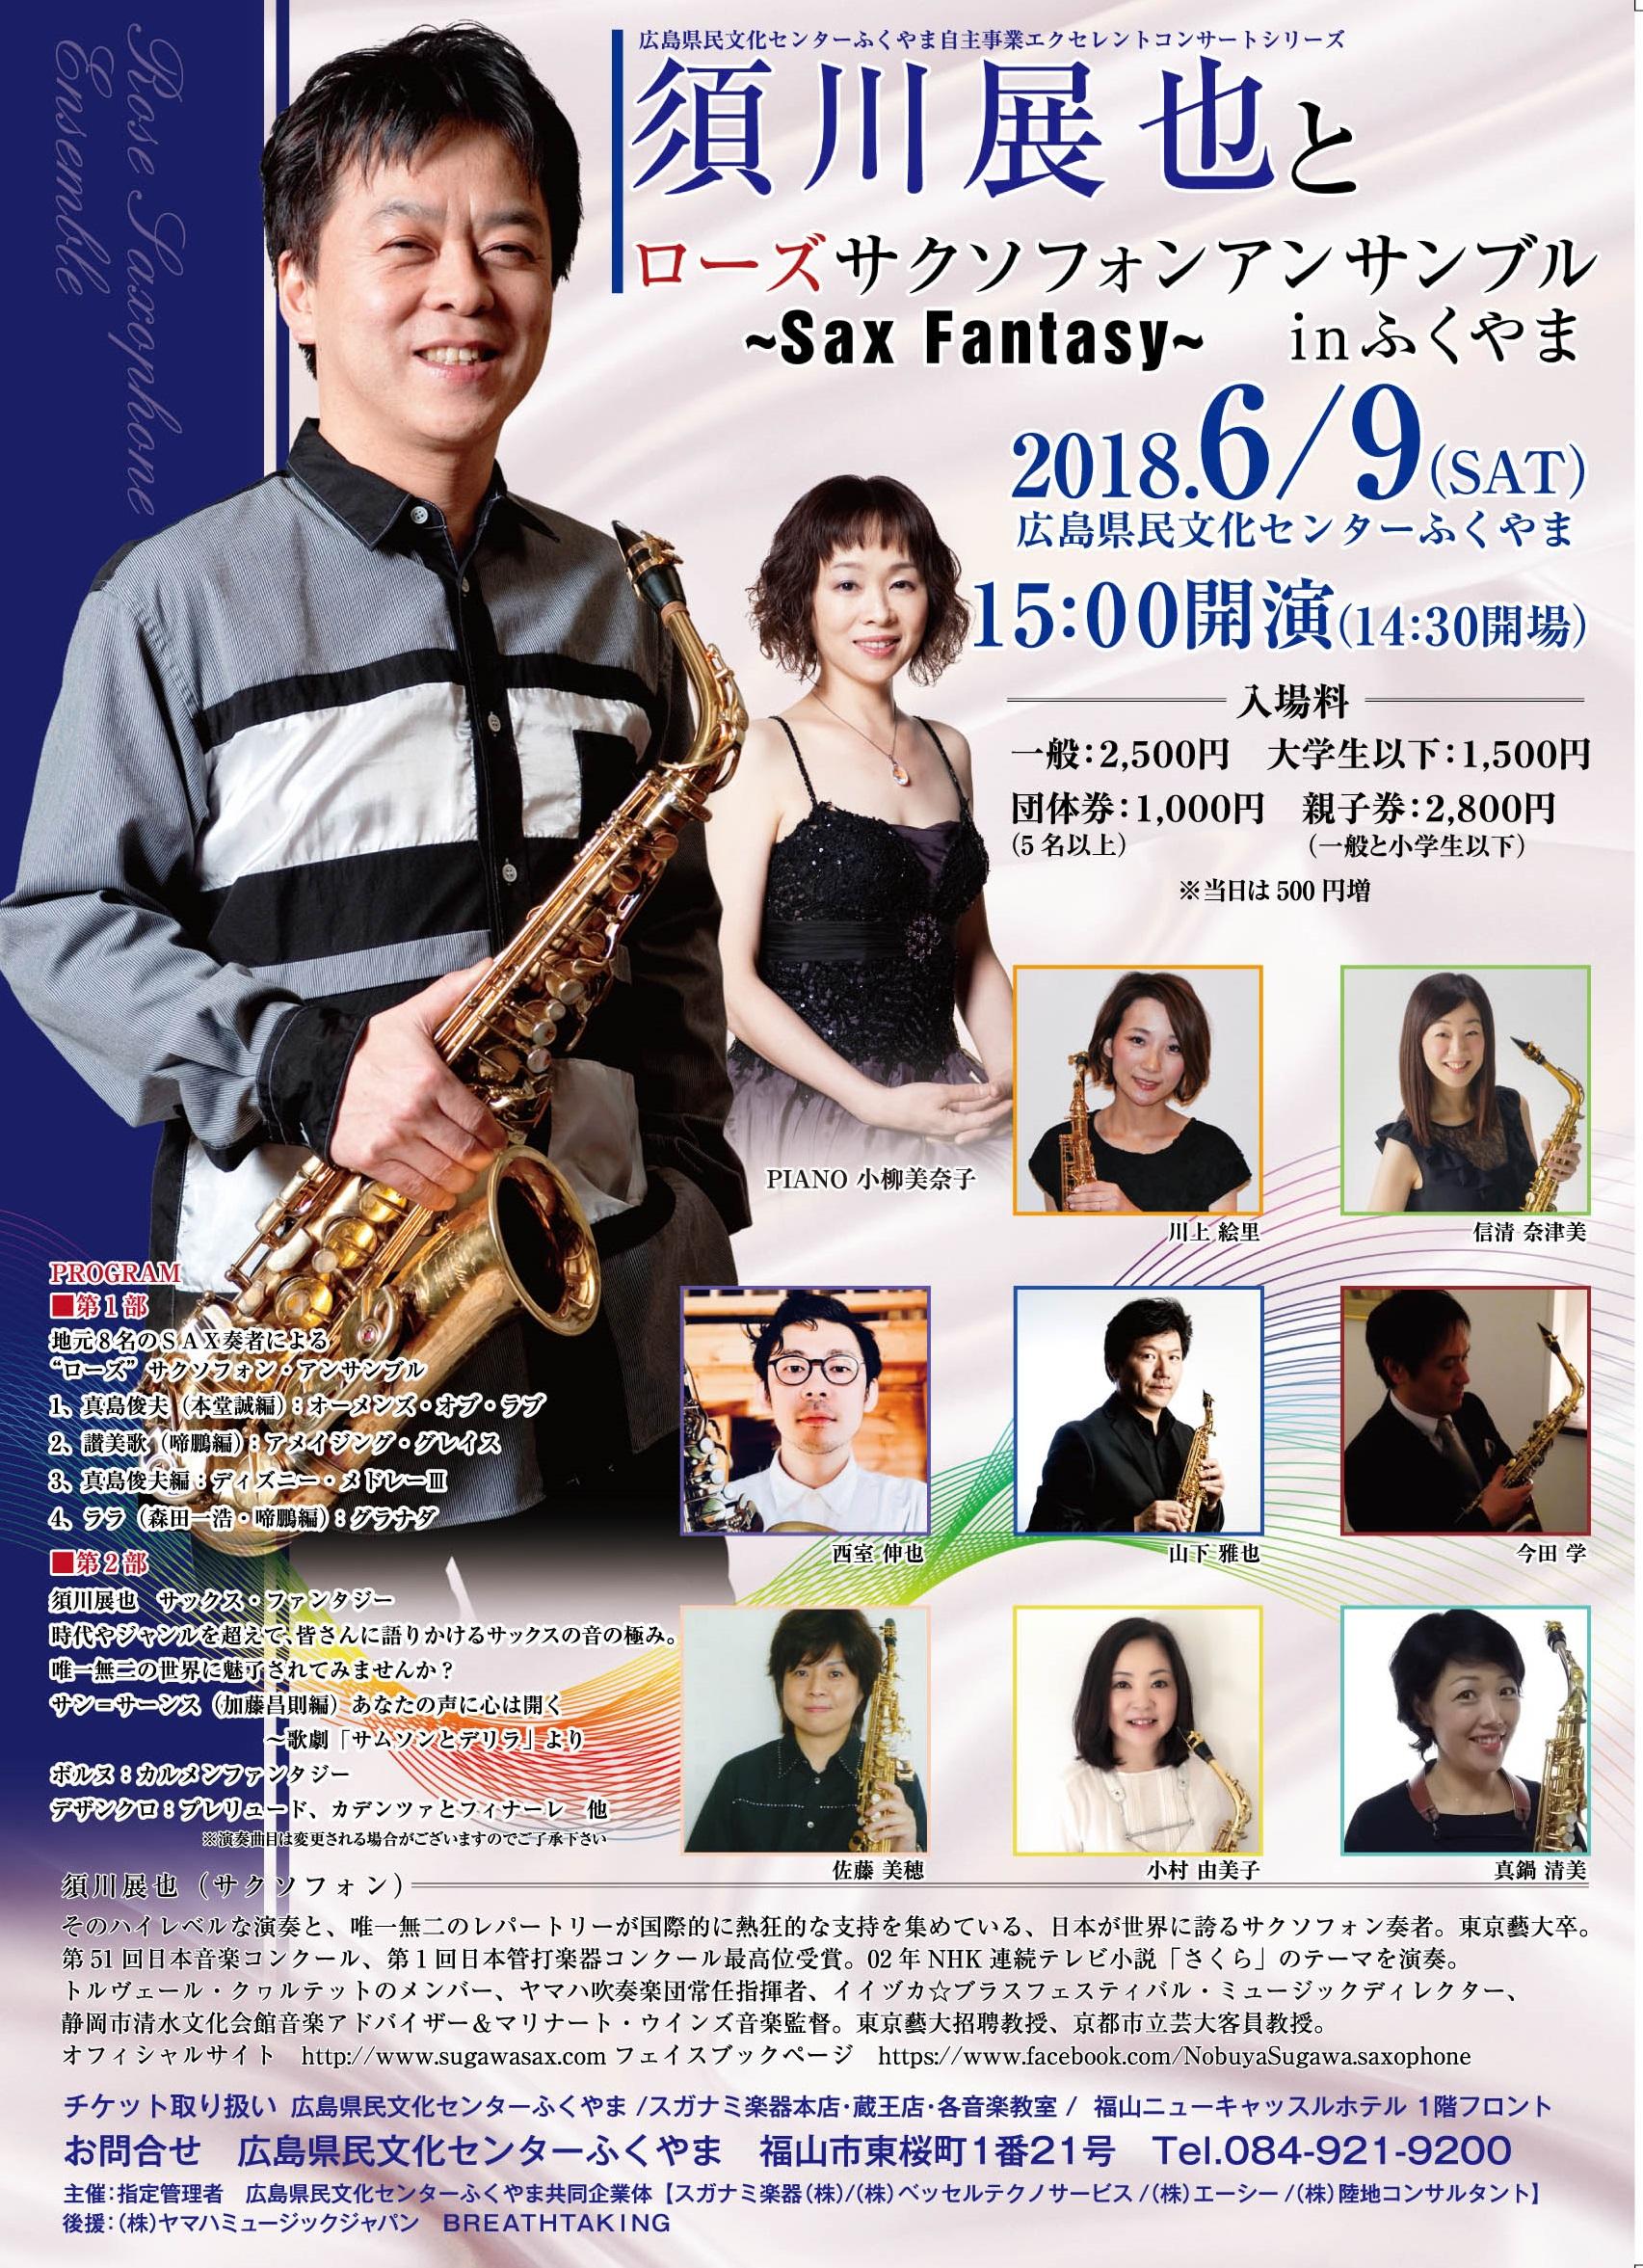 須川展也SaxFantasy